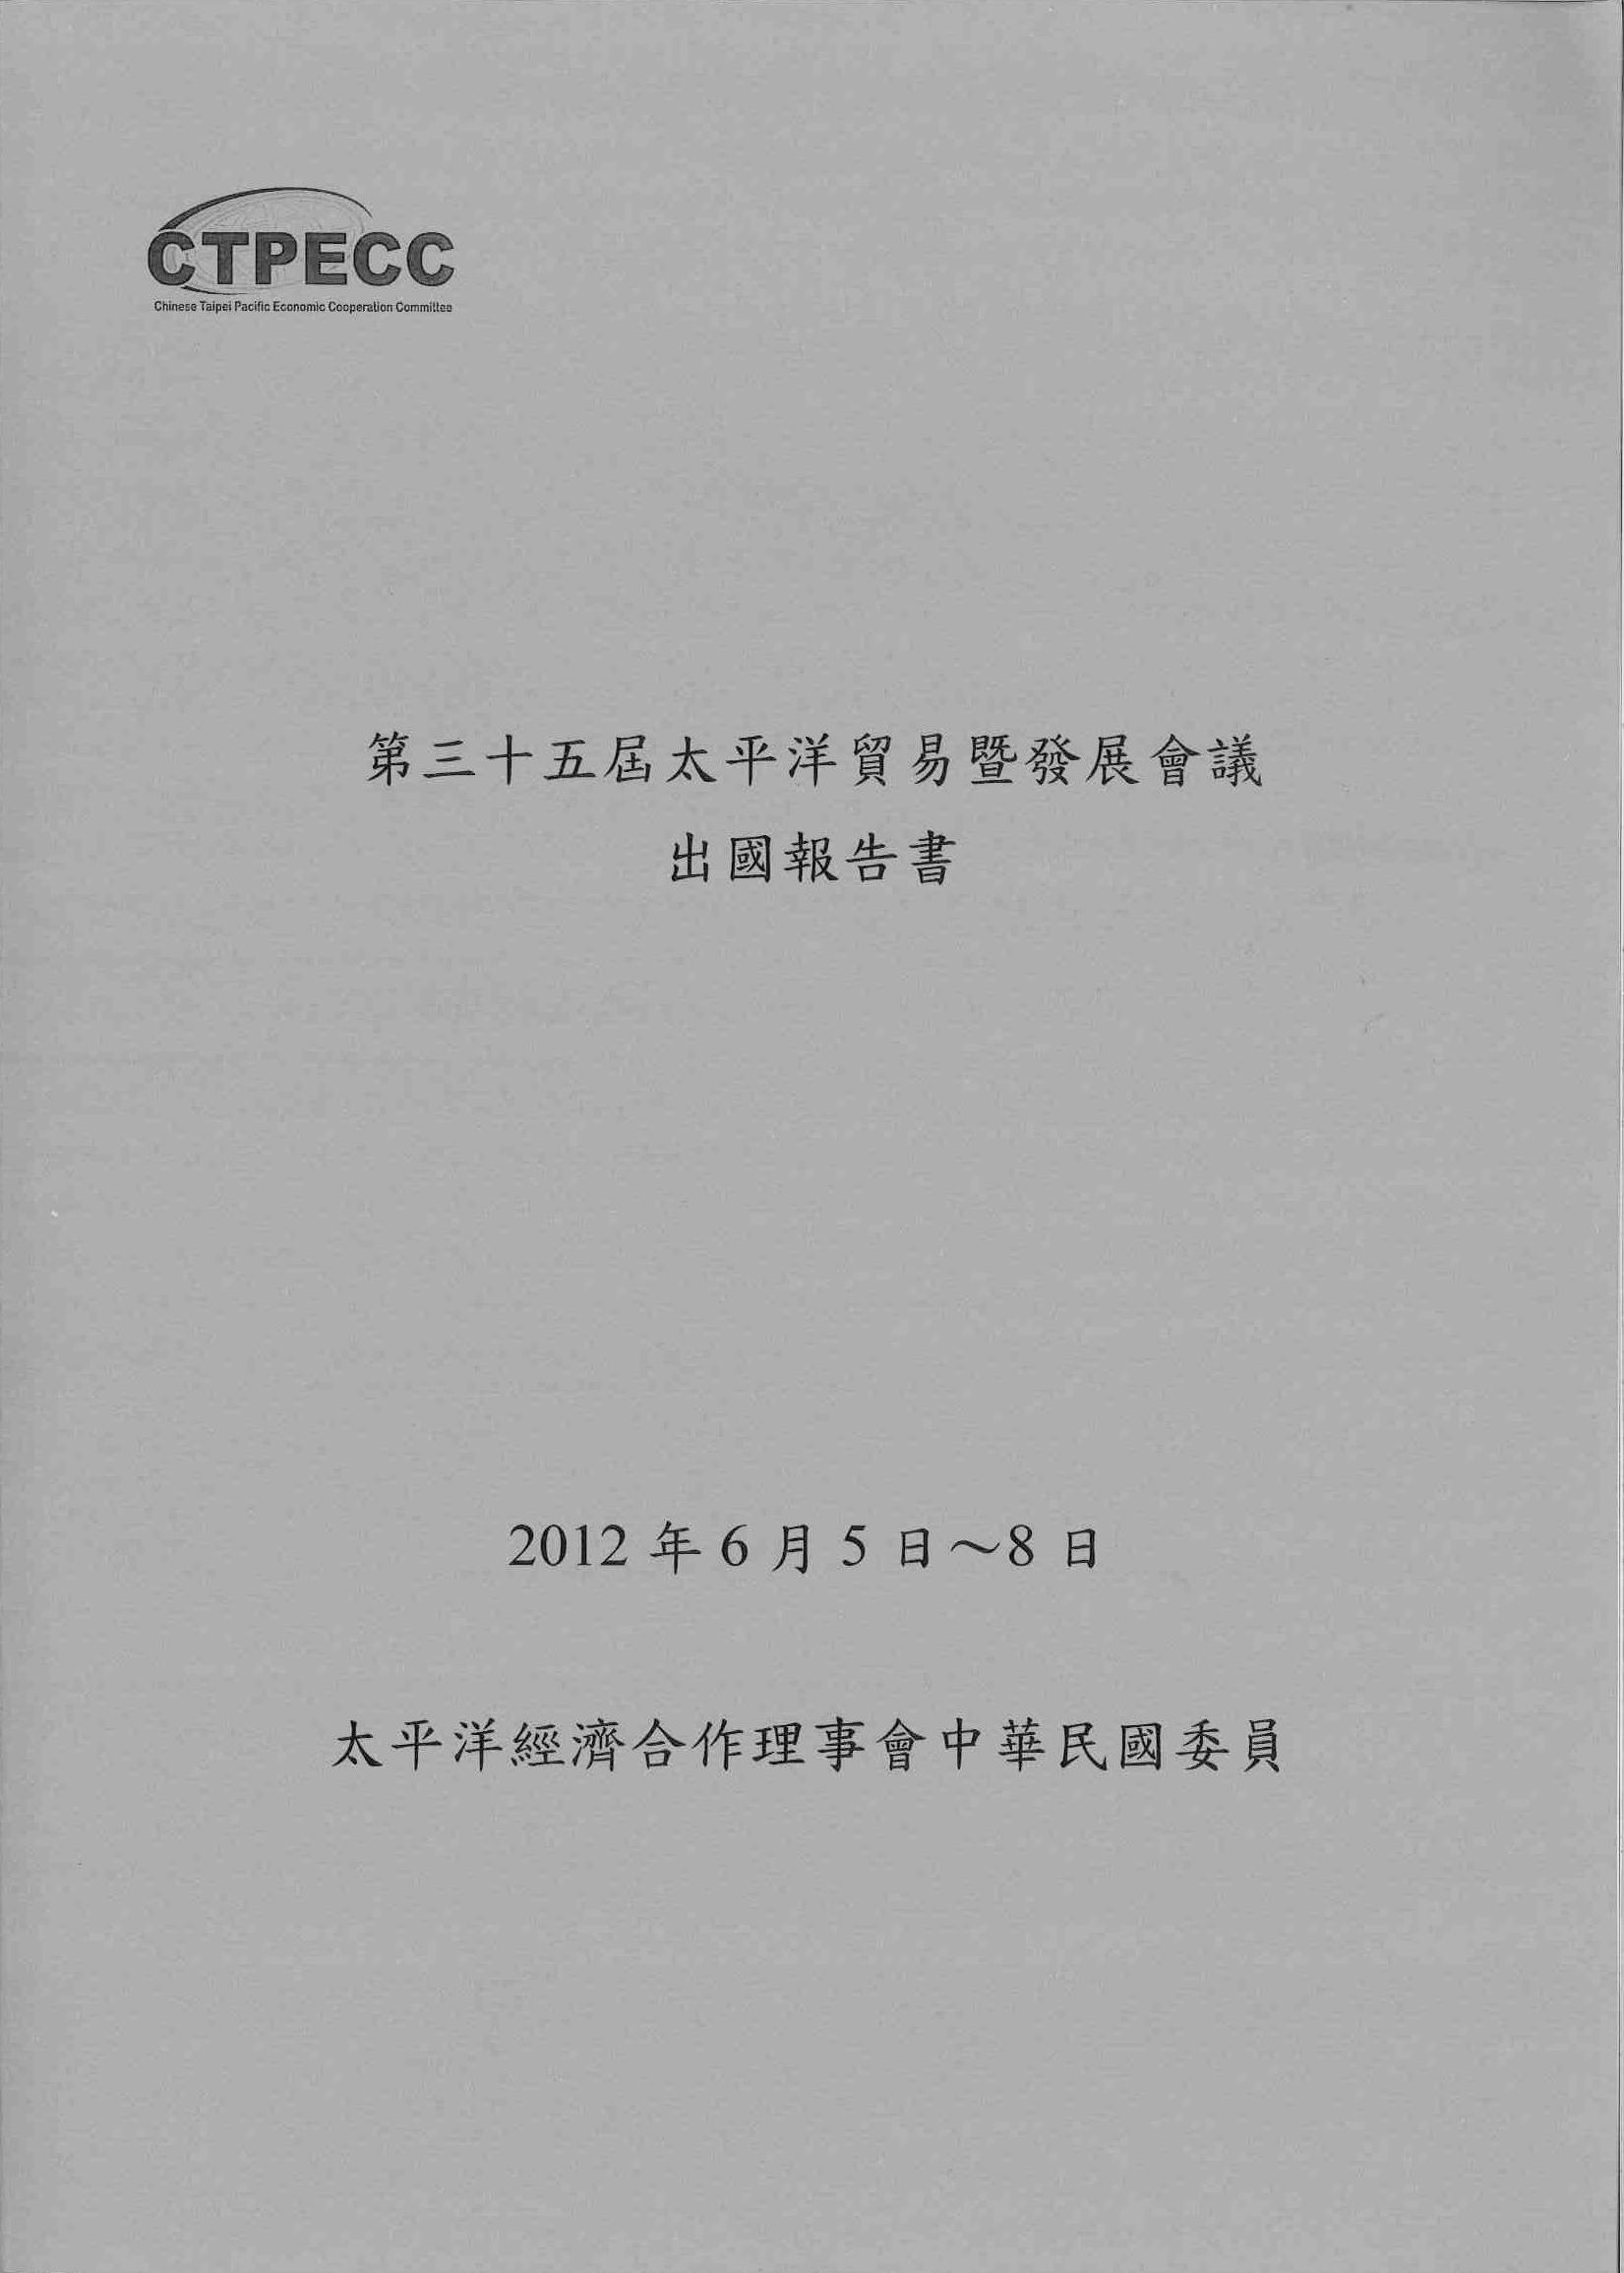 第三十五屆太平洋貿易暨發展會議出國報告書